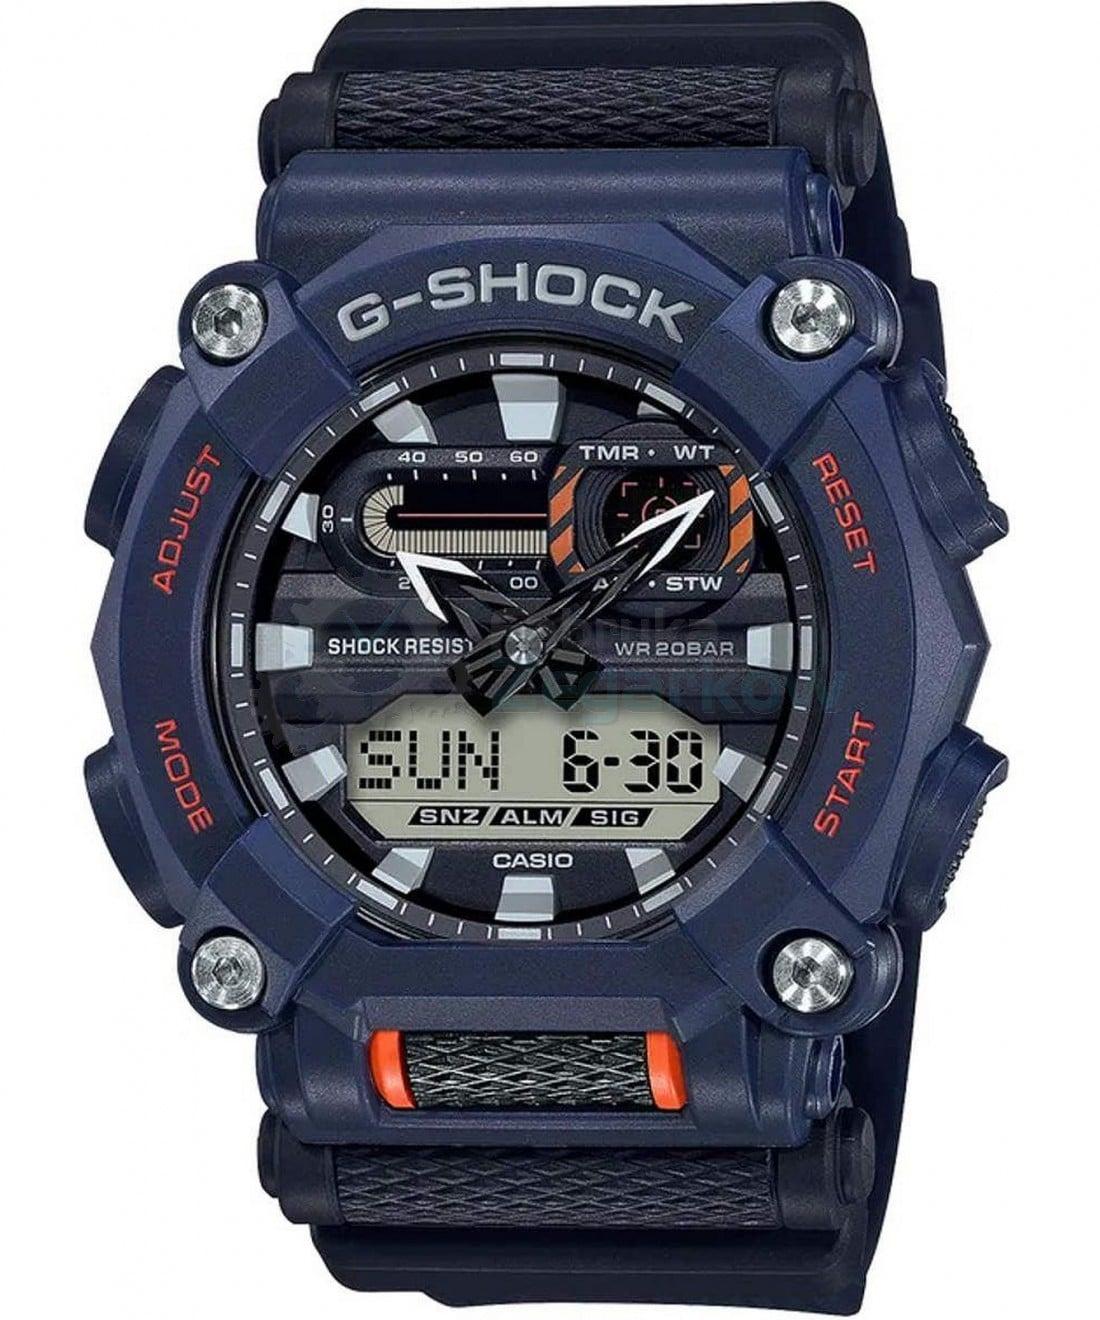 zegarek-meski-g-shock-classic-ga-900-2aer